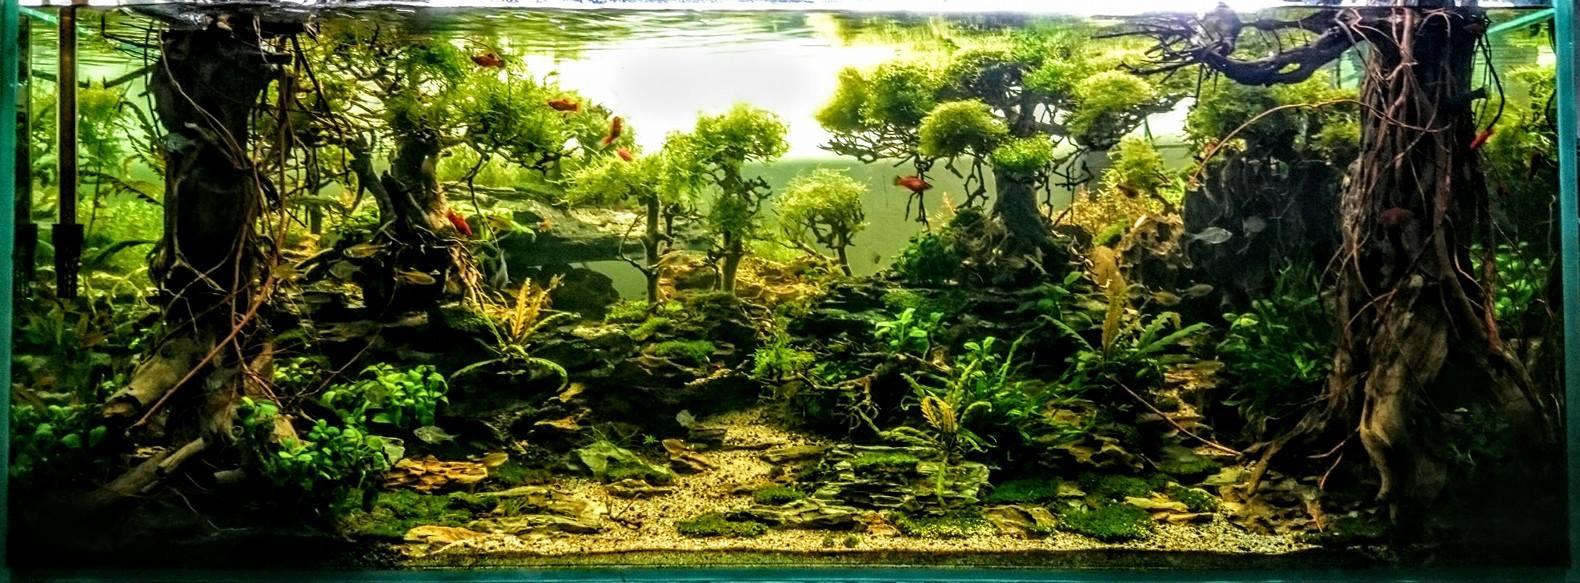 Nguồn gốc ít ai biết của những cây Bonsai trang trí hồ cá